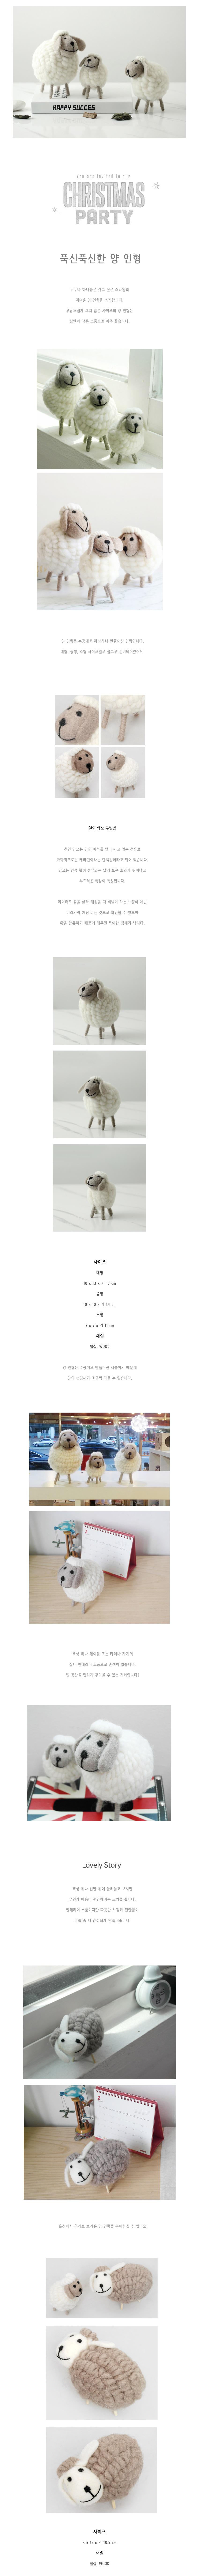 푹신푹신한 양 인형 - 진바스, 5,900원, 미니어처, 동물